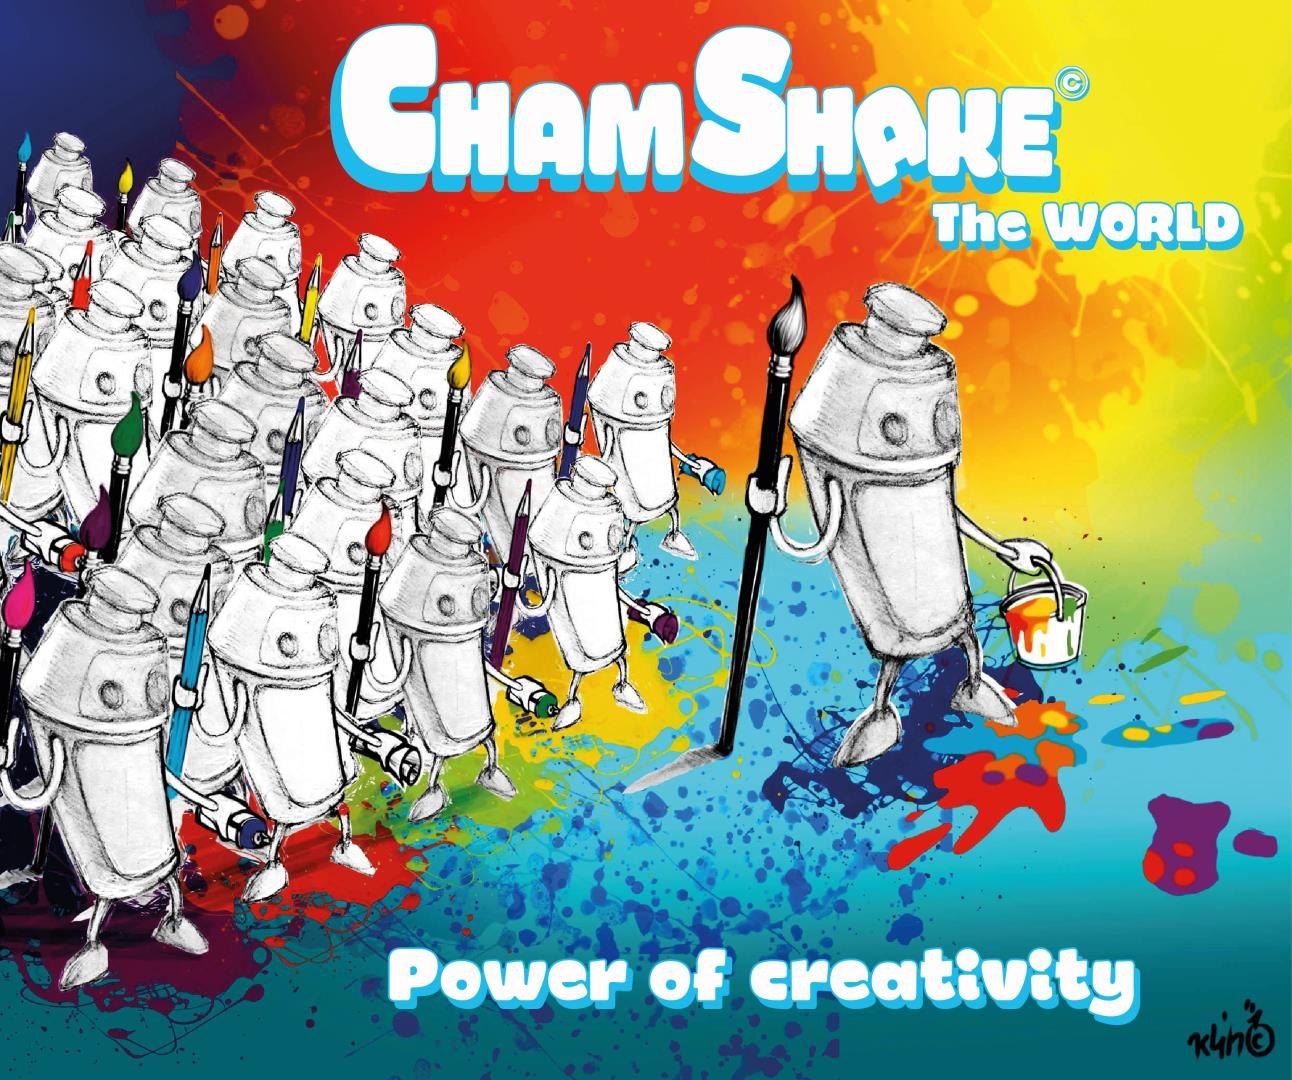 Adhésion annuelle 2016 - Annual Membership 2016 - Chamshake